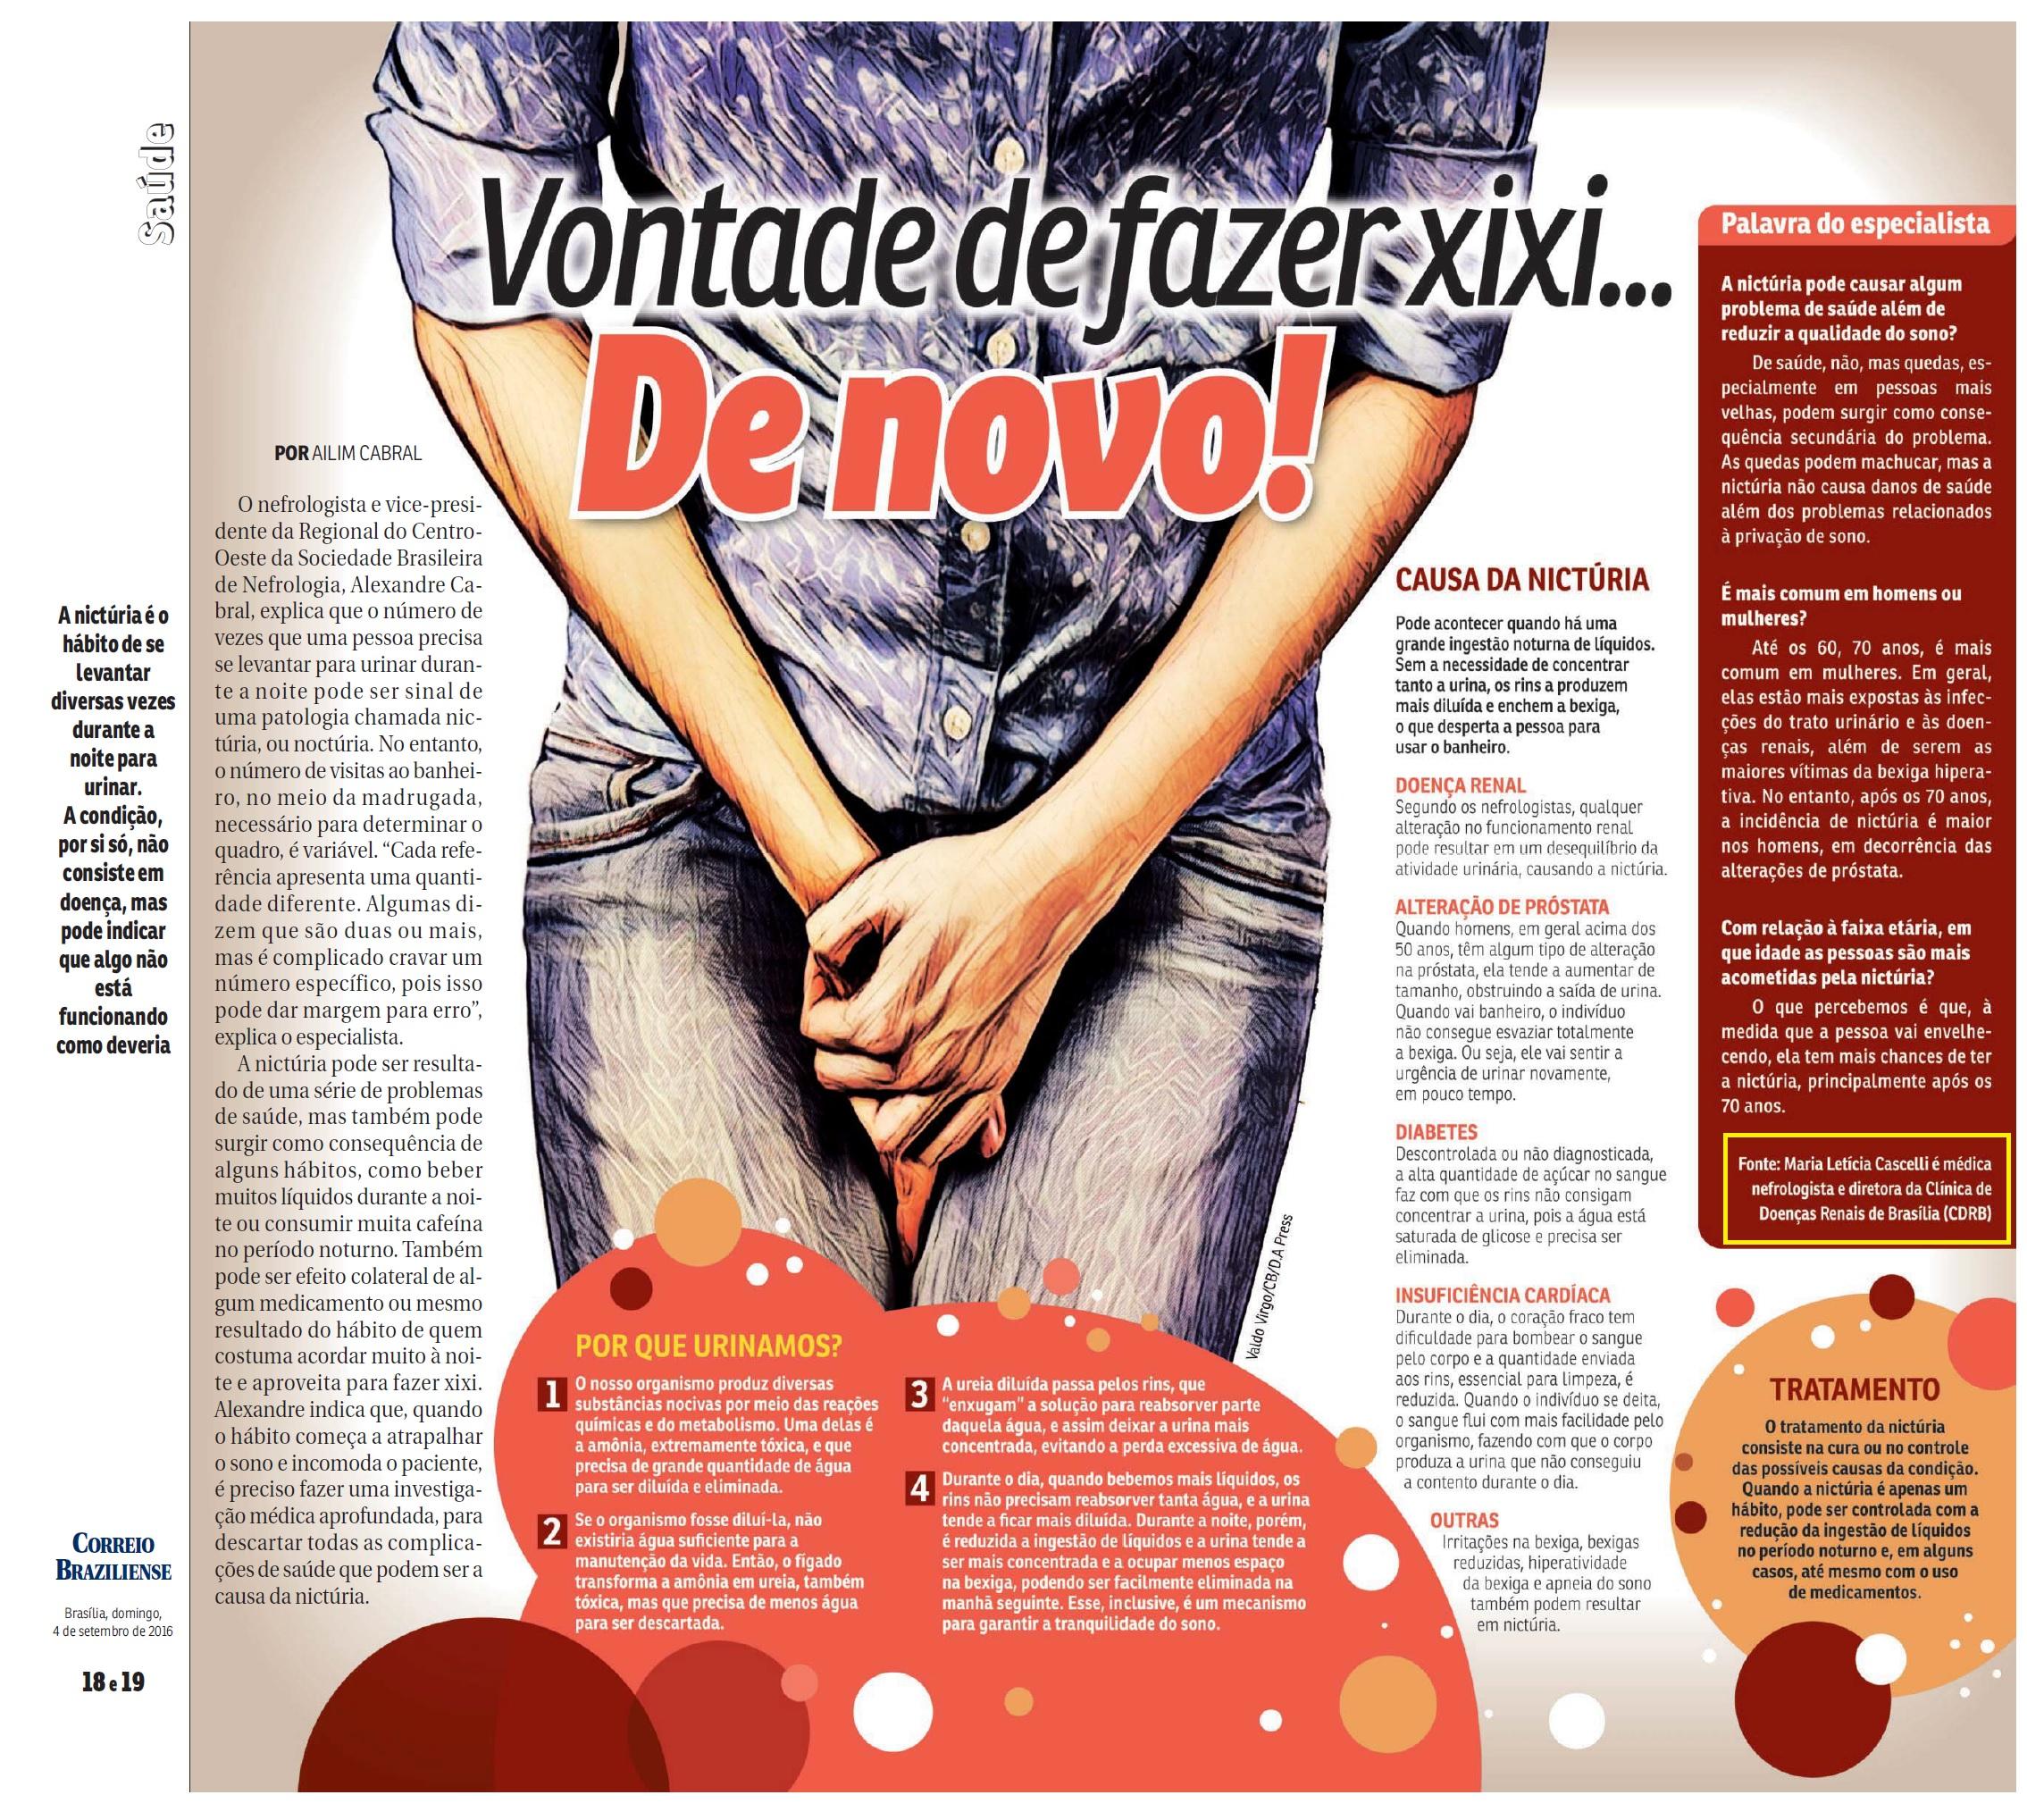 Revista do Correio - Dra. Maria Letícia CDRB - 04-09-2016